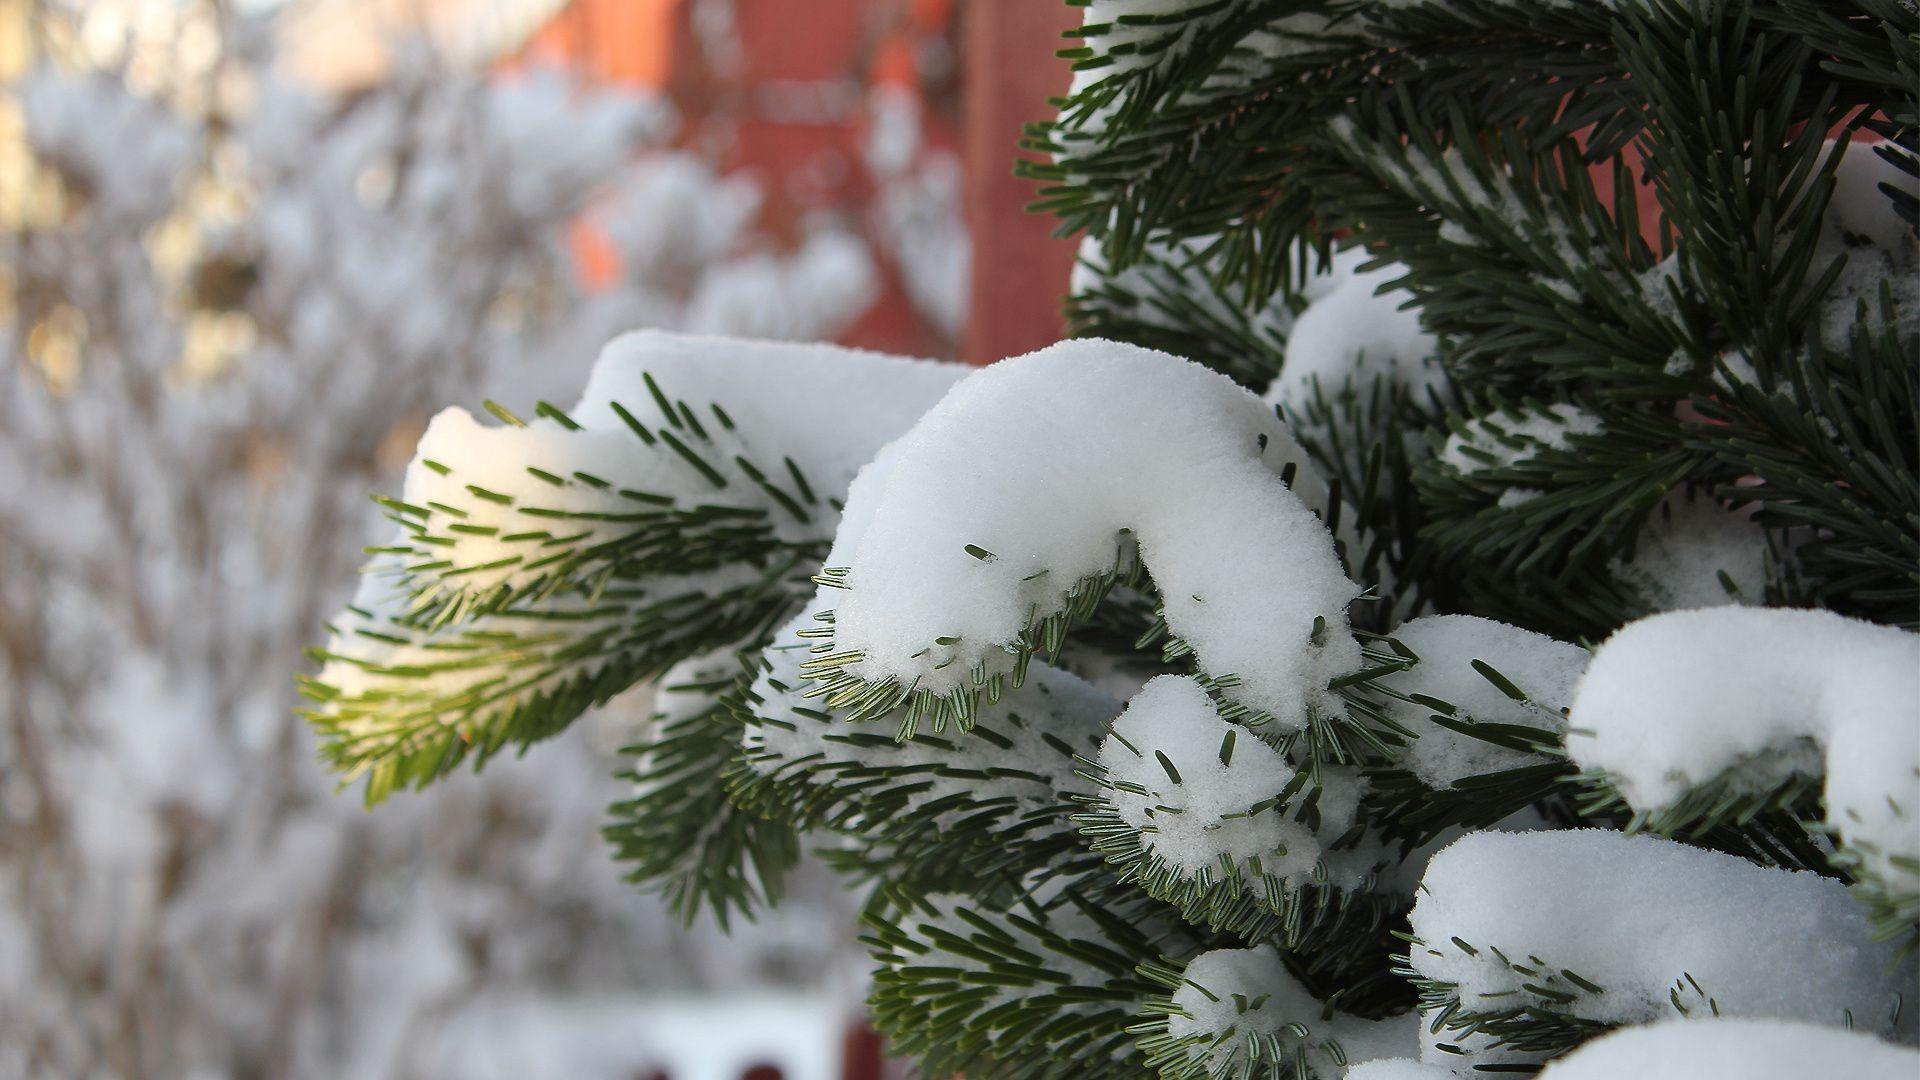 Ели в снегу снег зима  № 2793529 загрузить